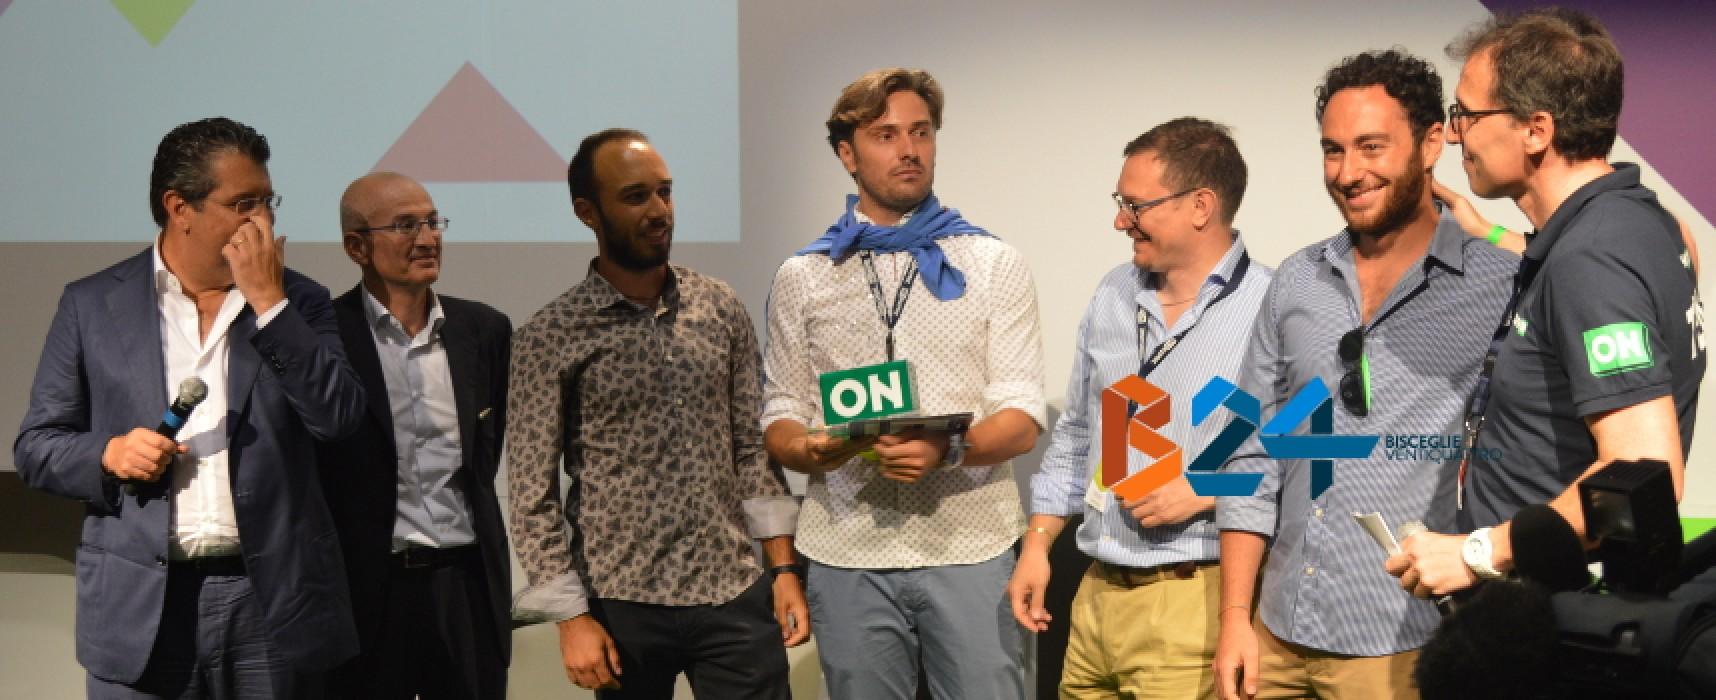 AuLAb vince il Premio DigithON2016, Francesco Boccia: «Ascoltiamo le idee dei giovani» / FOTO